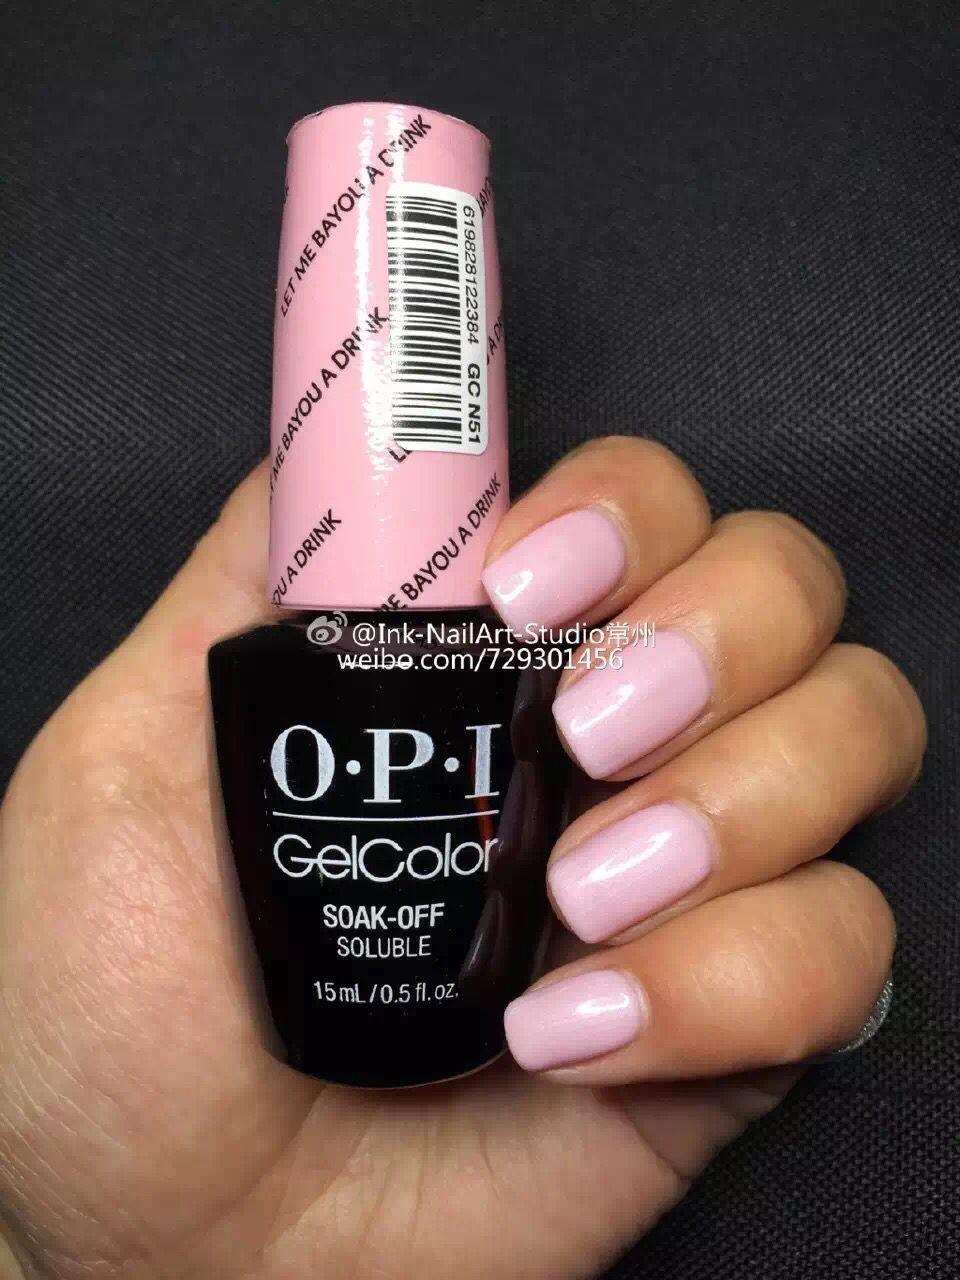 Opi New Orleans Opi Gel Nails Opi Gel Nail Colors Pink Gel Nails